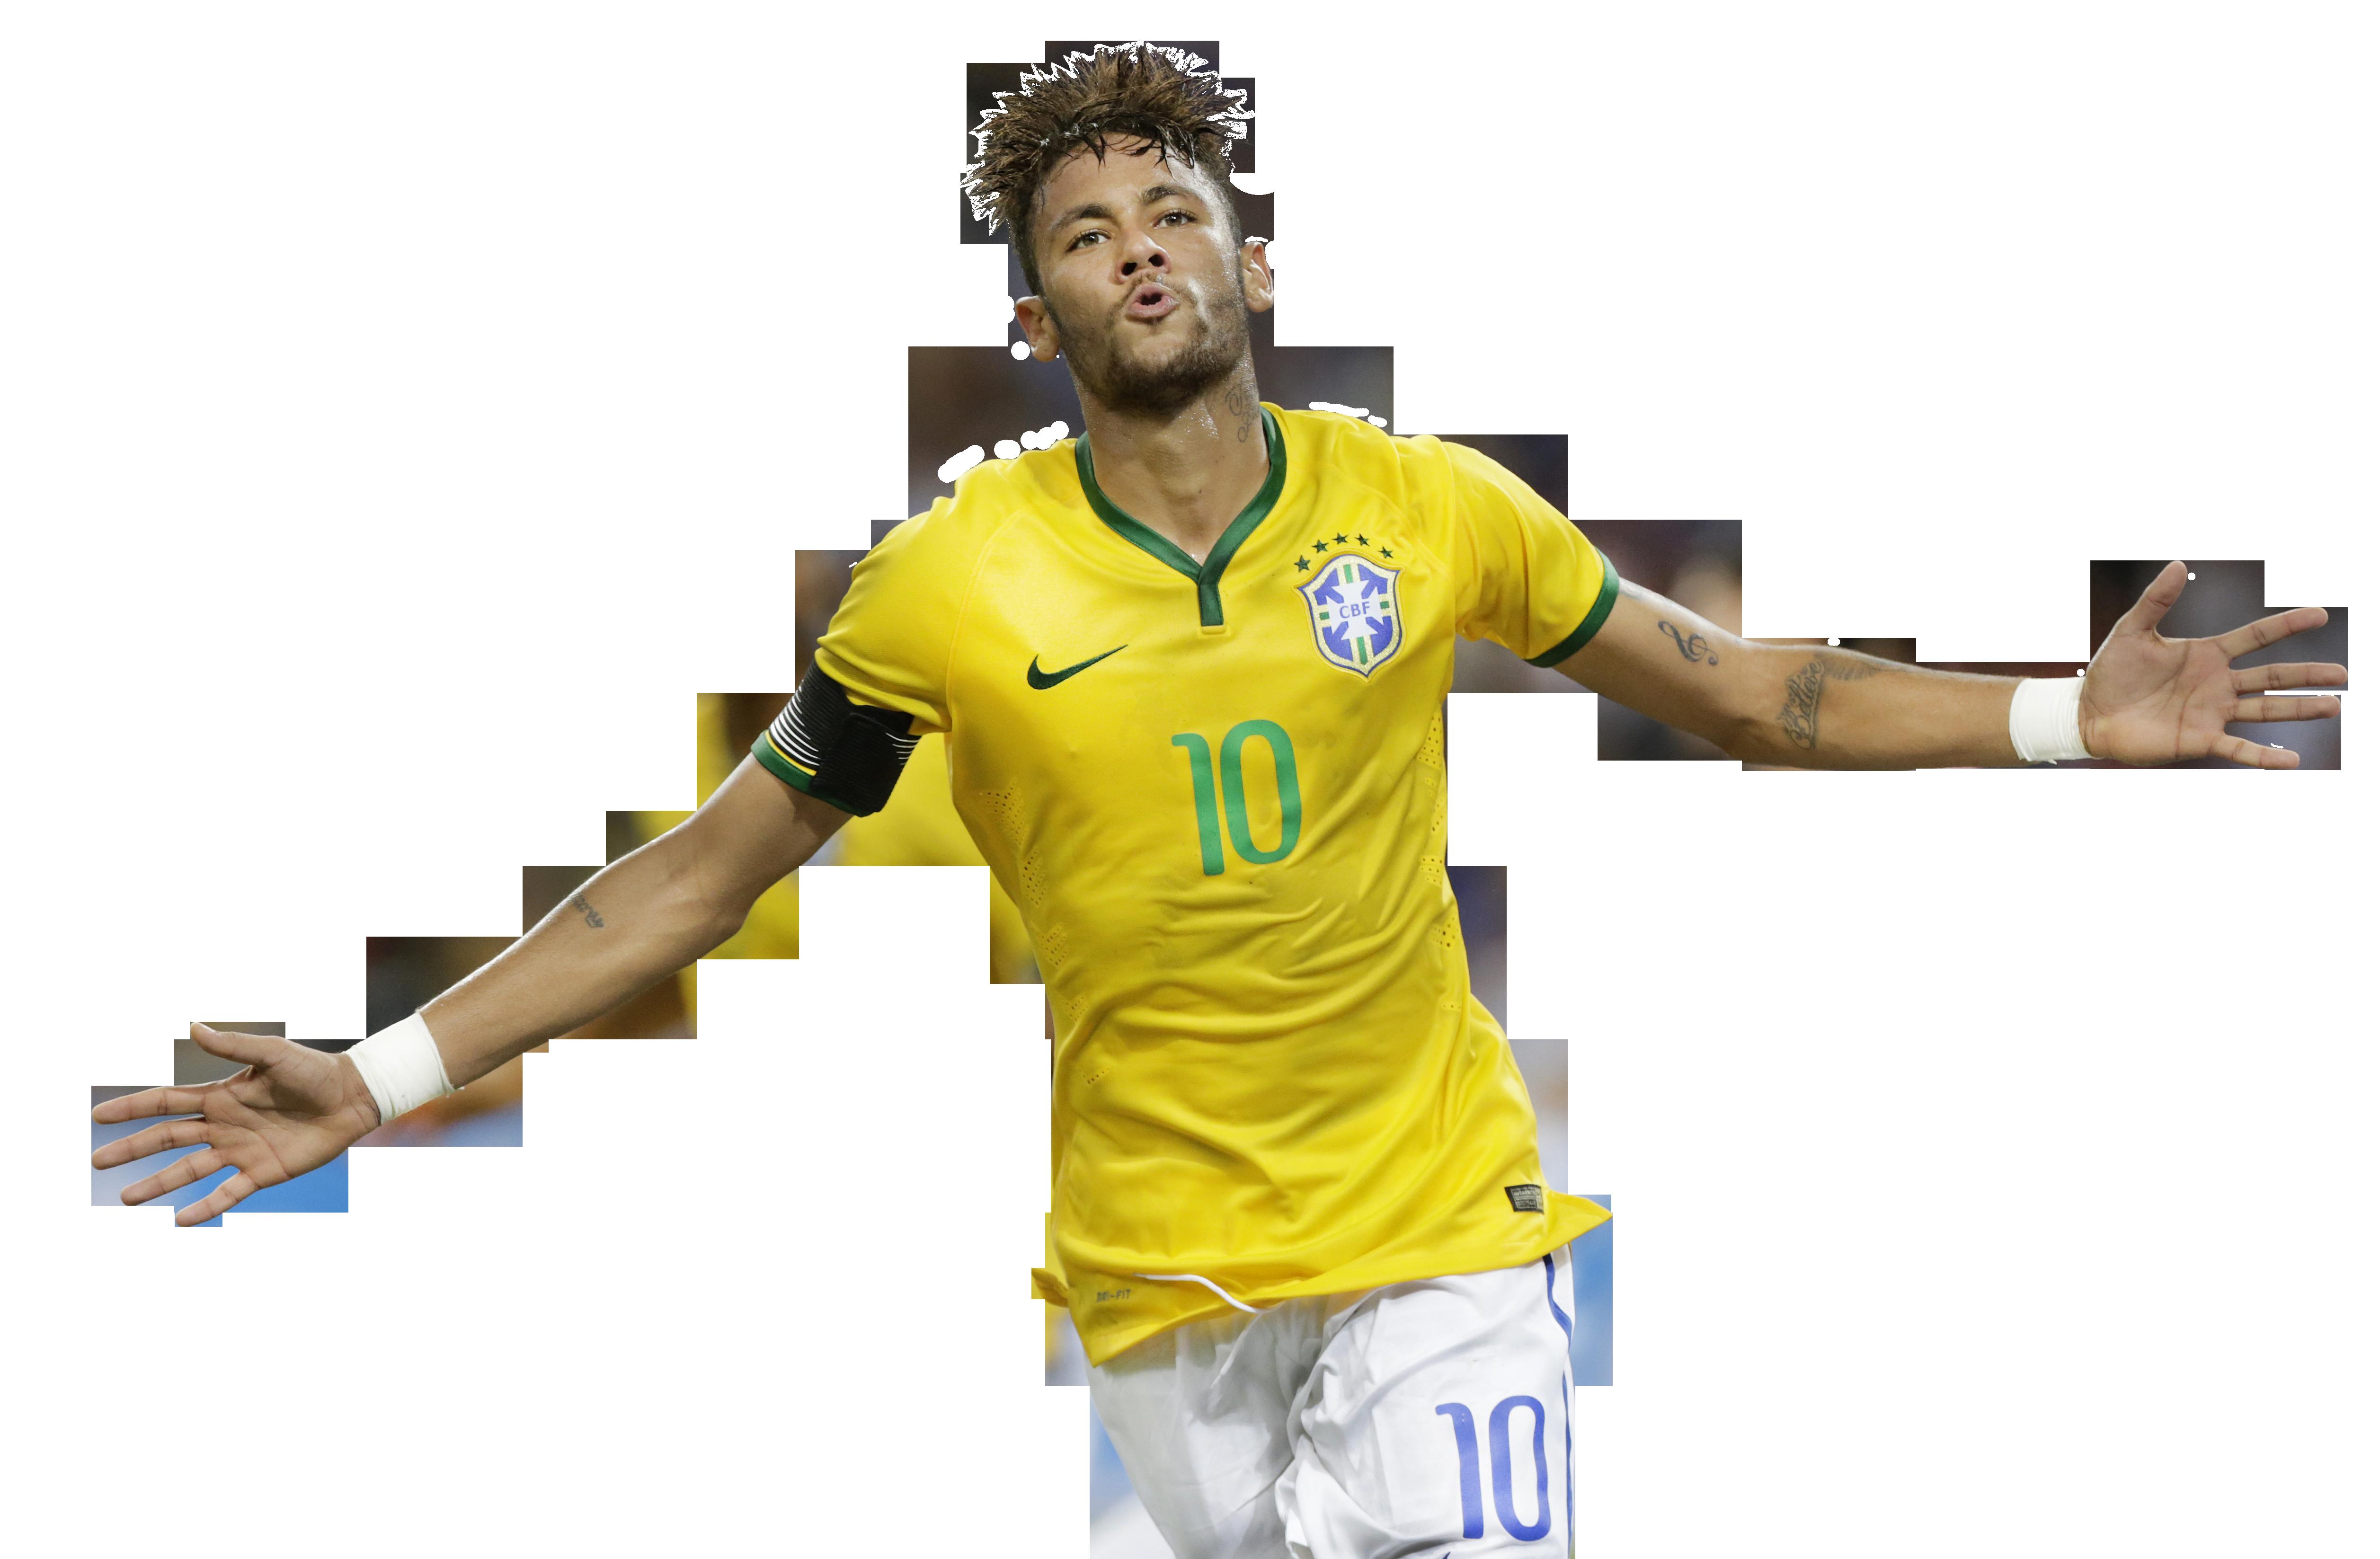 Neymar Render Athlete Png image #44983